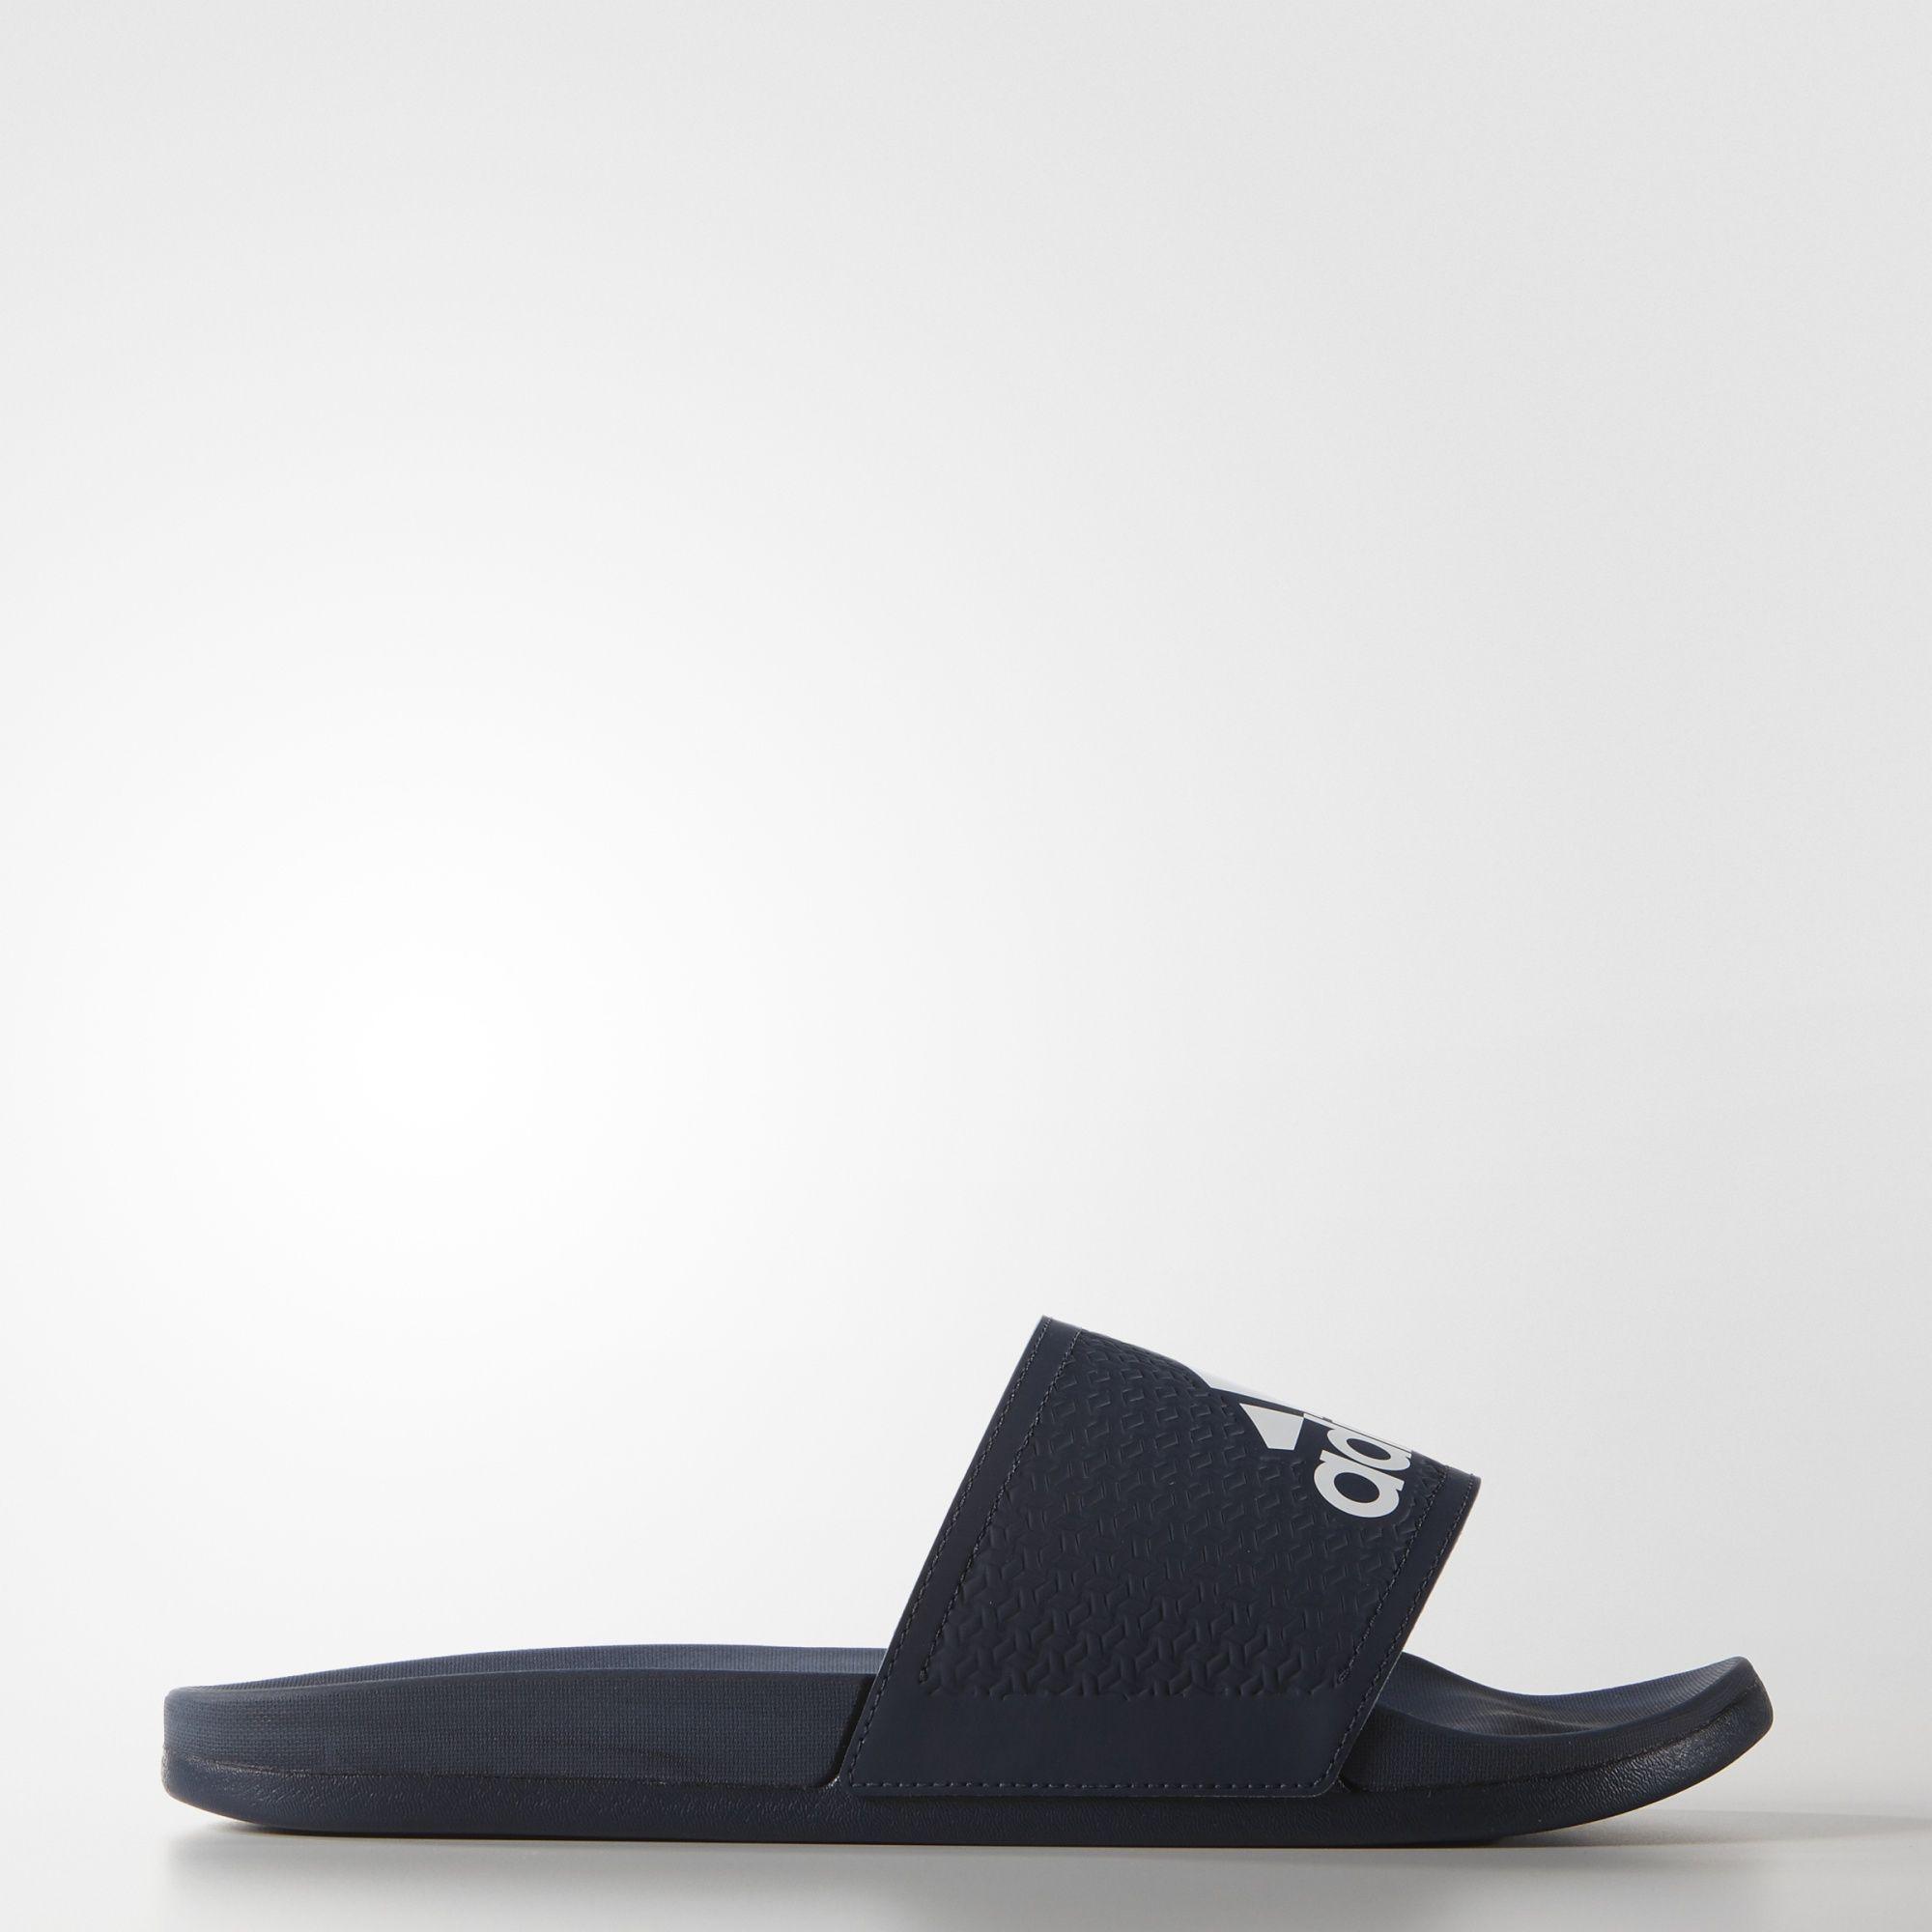 Adidas UK Shop - Adidas adilette Supercloud Plus Slides (Blue) for Men